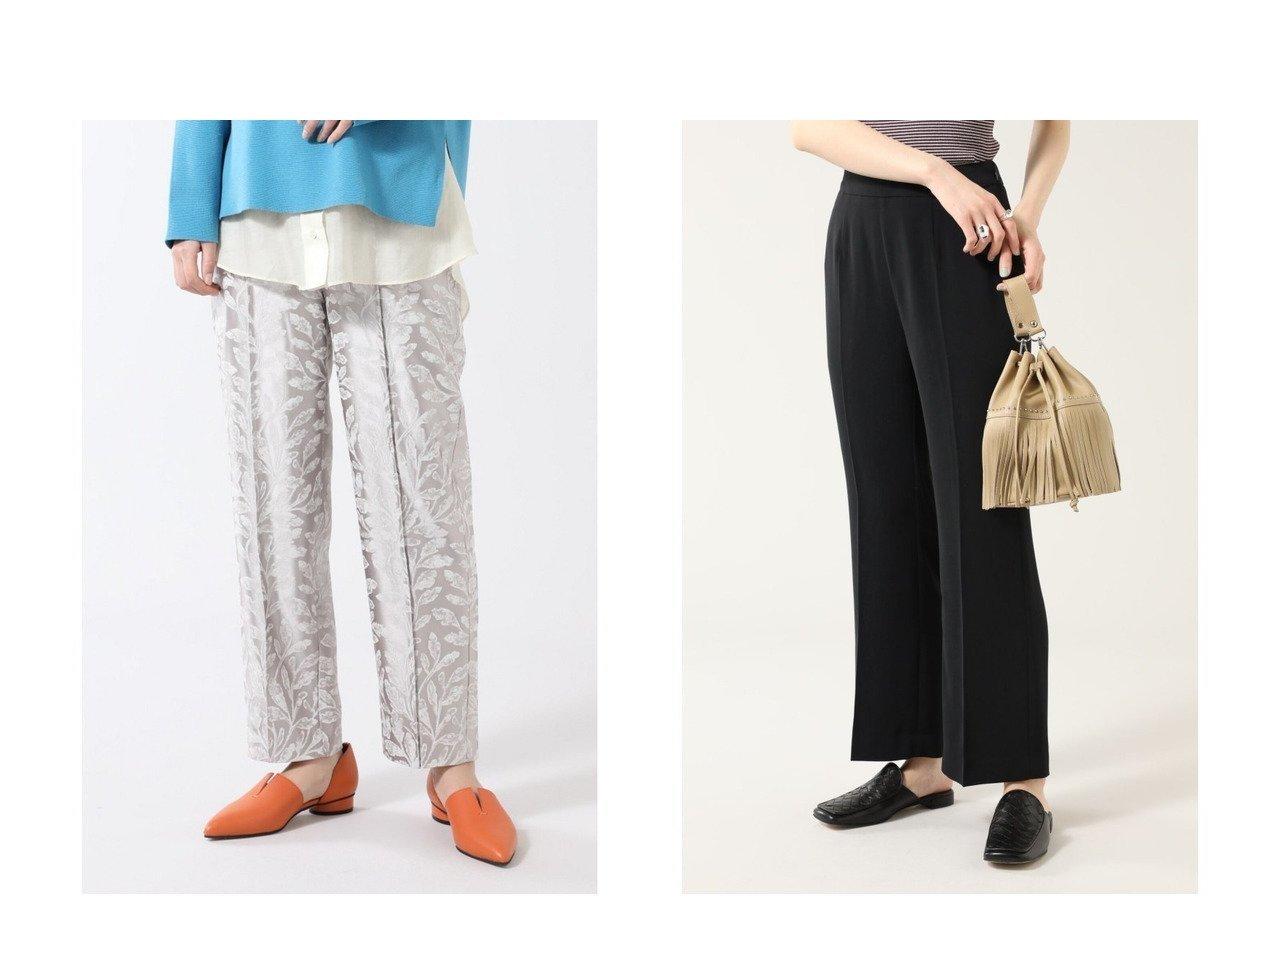 【ROSE BUD/ローズバッド】のジャカードパンツ&セミフレアパンツ パンツのおすすめ!人気、トレンド・レディースファッションの通販 おすすめで人気の流行・トレンド、ファッションの通販商品 メンズファッション・キッズファッション・インテリア・家具・レディースファッション・服の通販 founy(ファニー) https://founy.com/ ファッション Fashion レディースファッション WOMEN パンツ Pants NEW・新作・新着・新入荷 New Arrivals ジャカード ジーンズ スタンダード ストレート トレンド センター フレア 今季 再入荷 Restock/Back in Stock/Re Arrival |ID:crp329100000024702